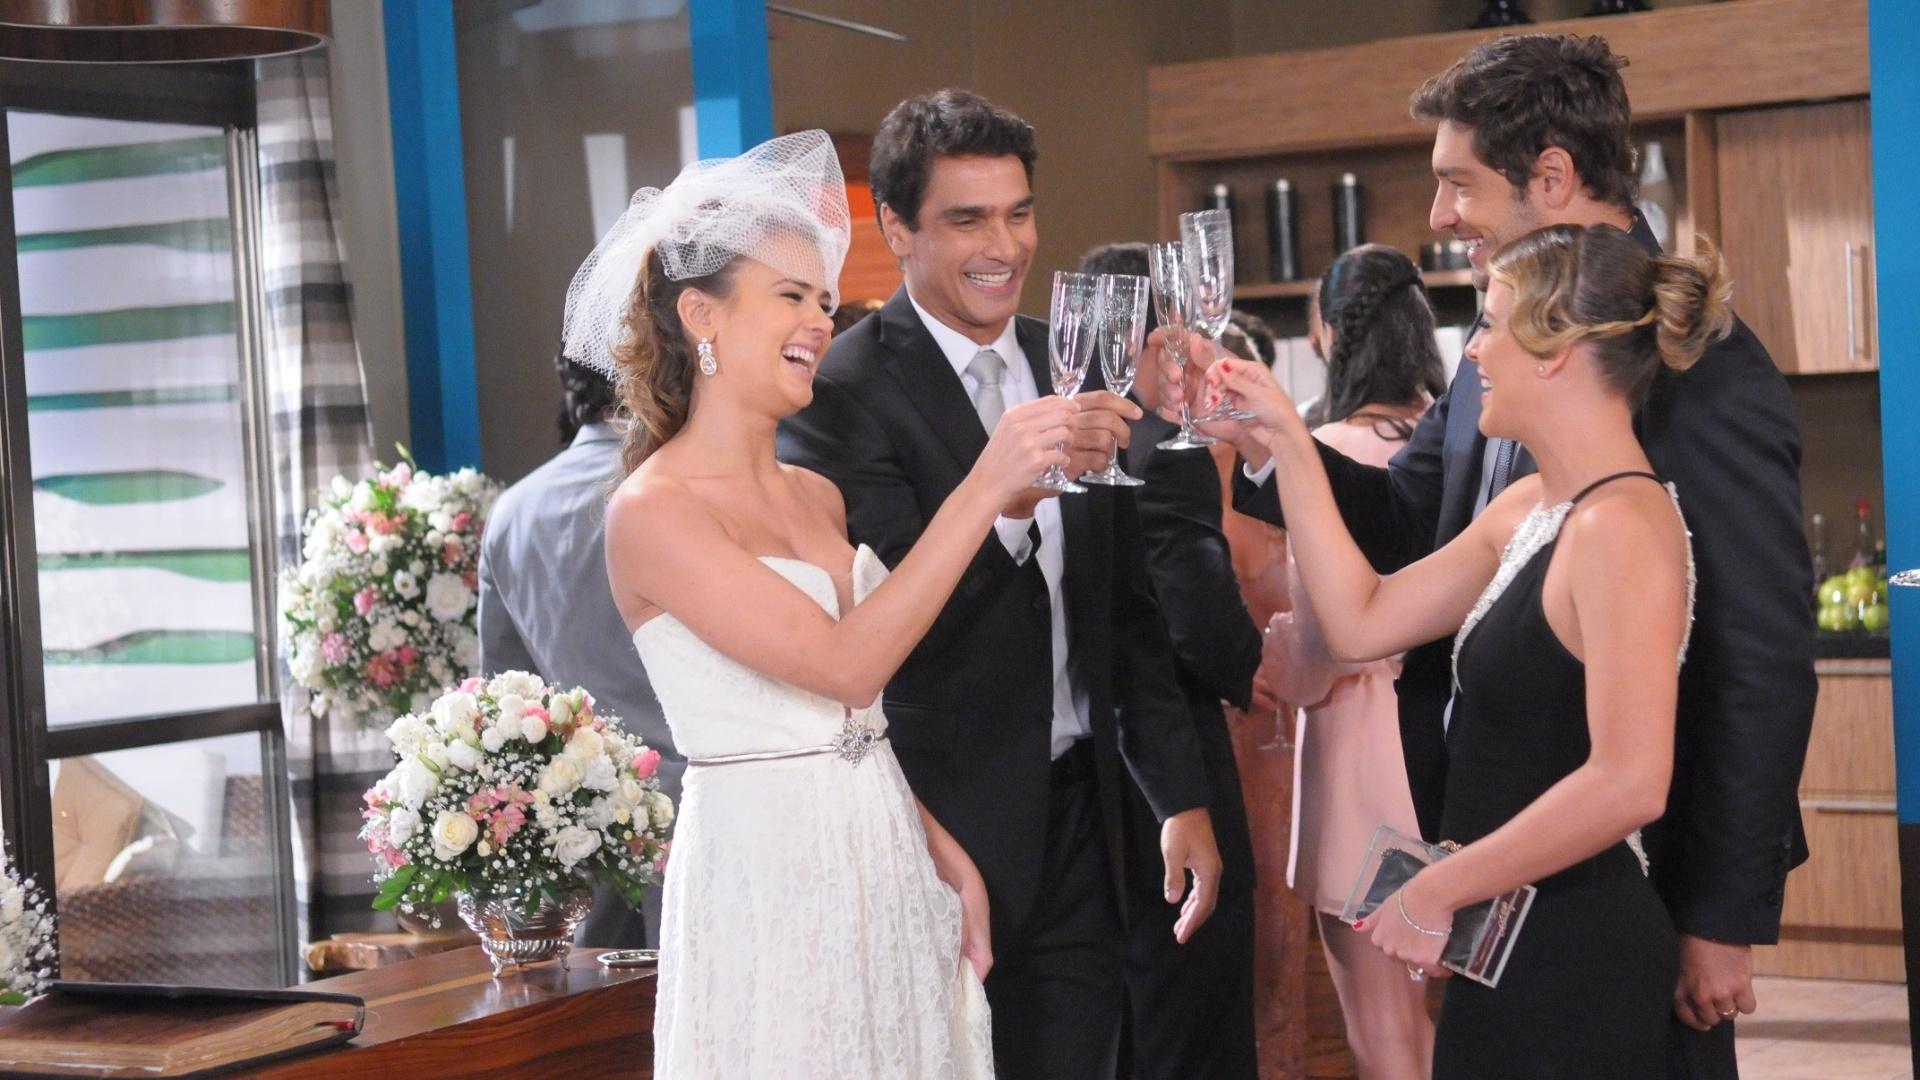 Mai.2013 - Casamento de Vicente (Rafael Calomeni) e Mirela (Thais Pacholek) em